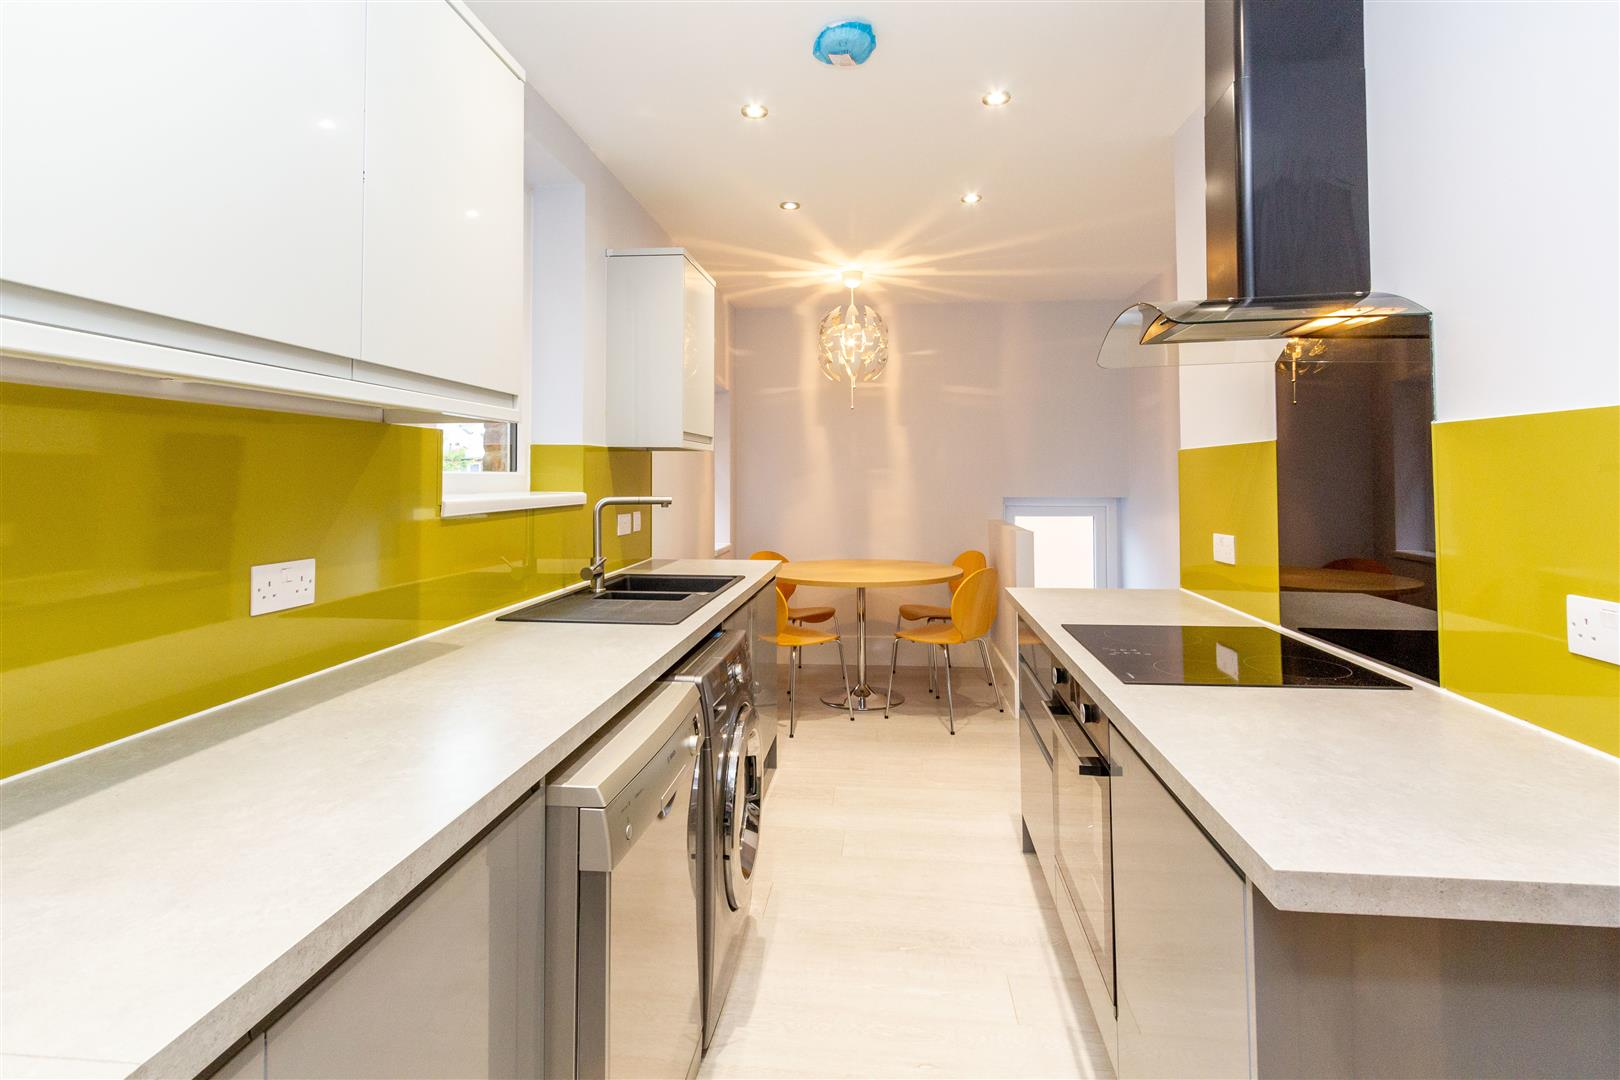 4 bed maisonette to rent in Newcastle Upon Tyne, NE6 5HP, NE6